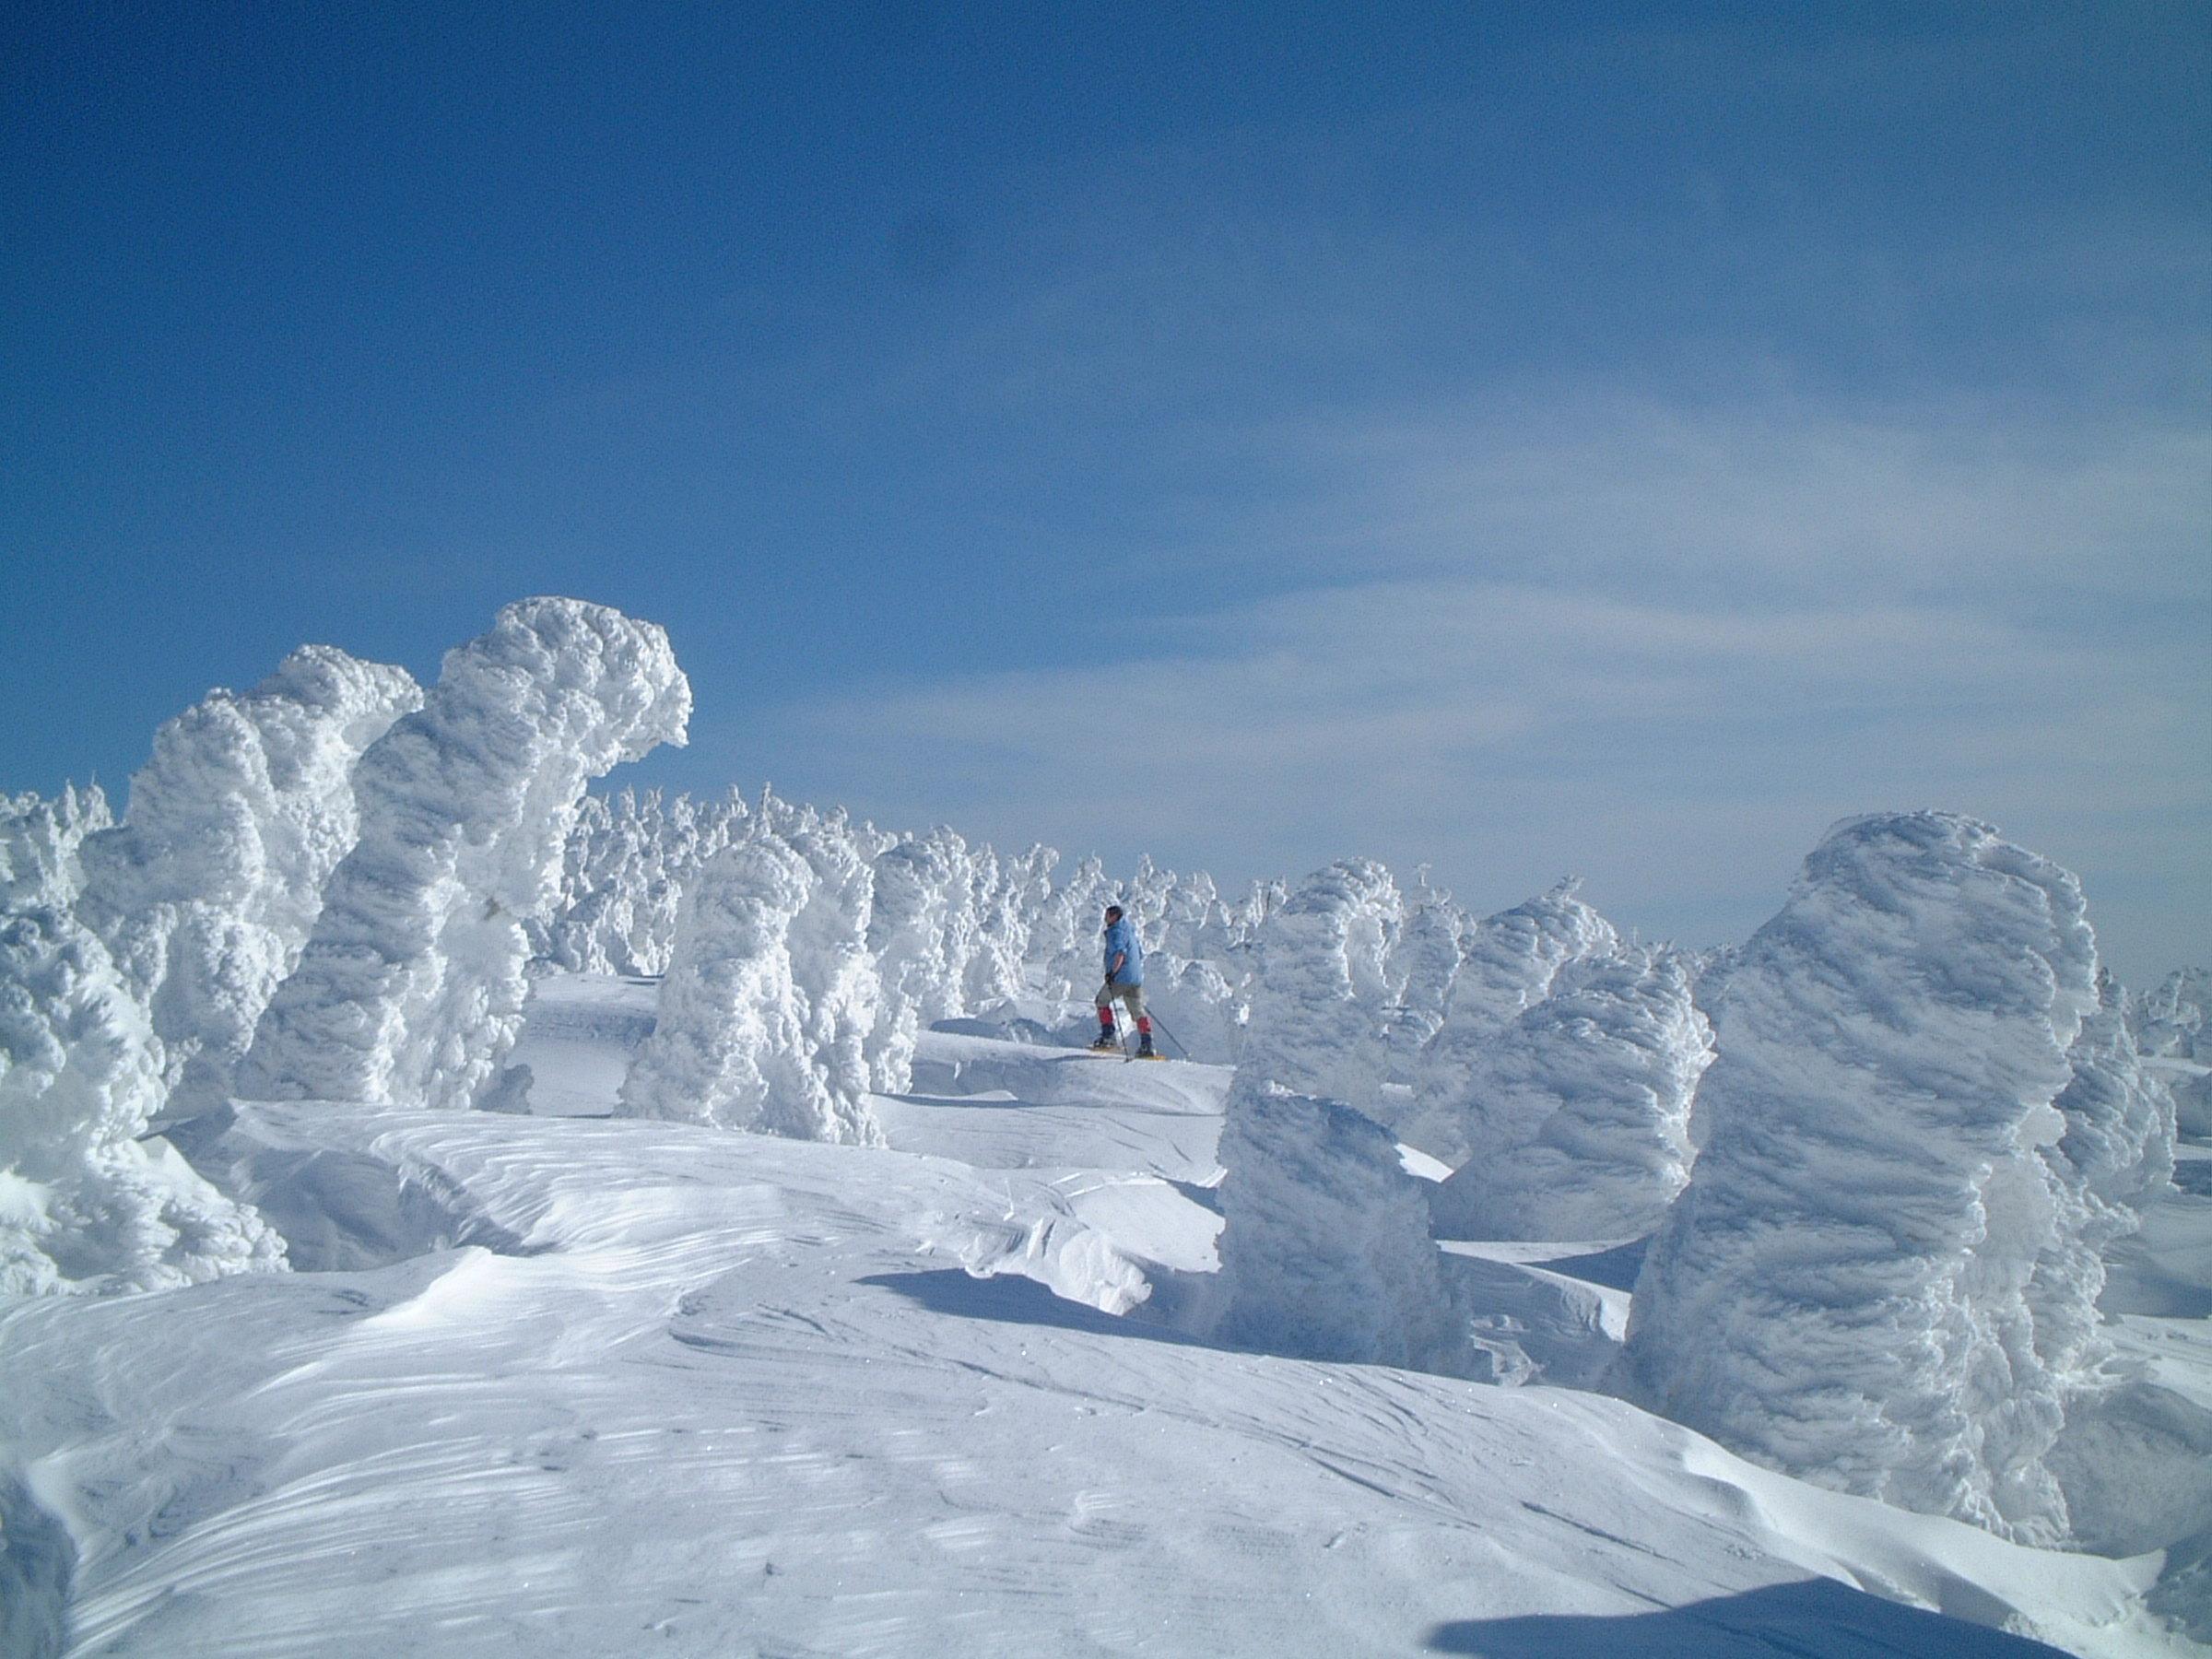 Snow monster (Juhyou) on Zao-san